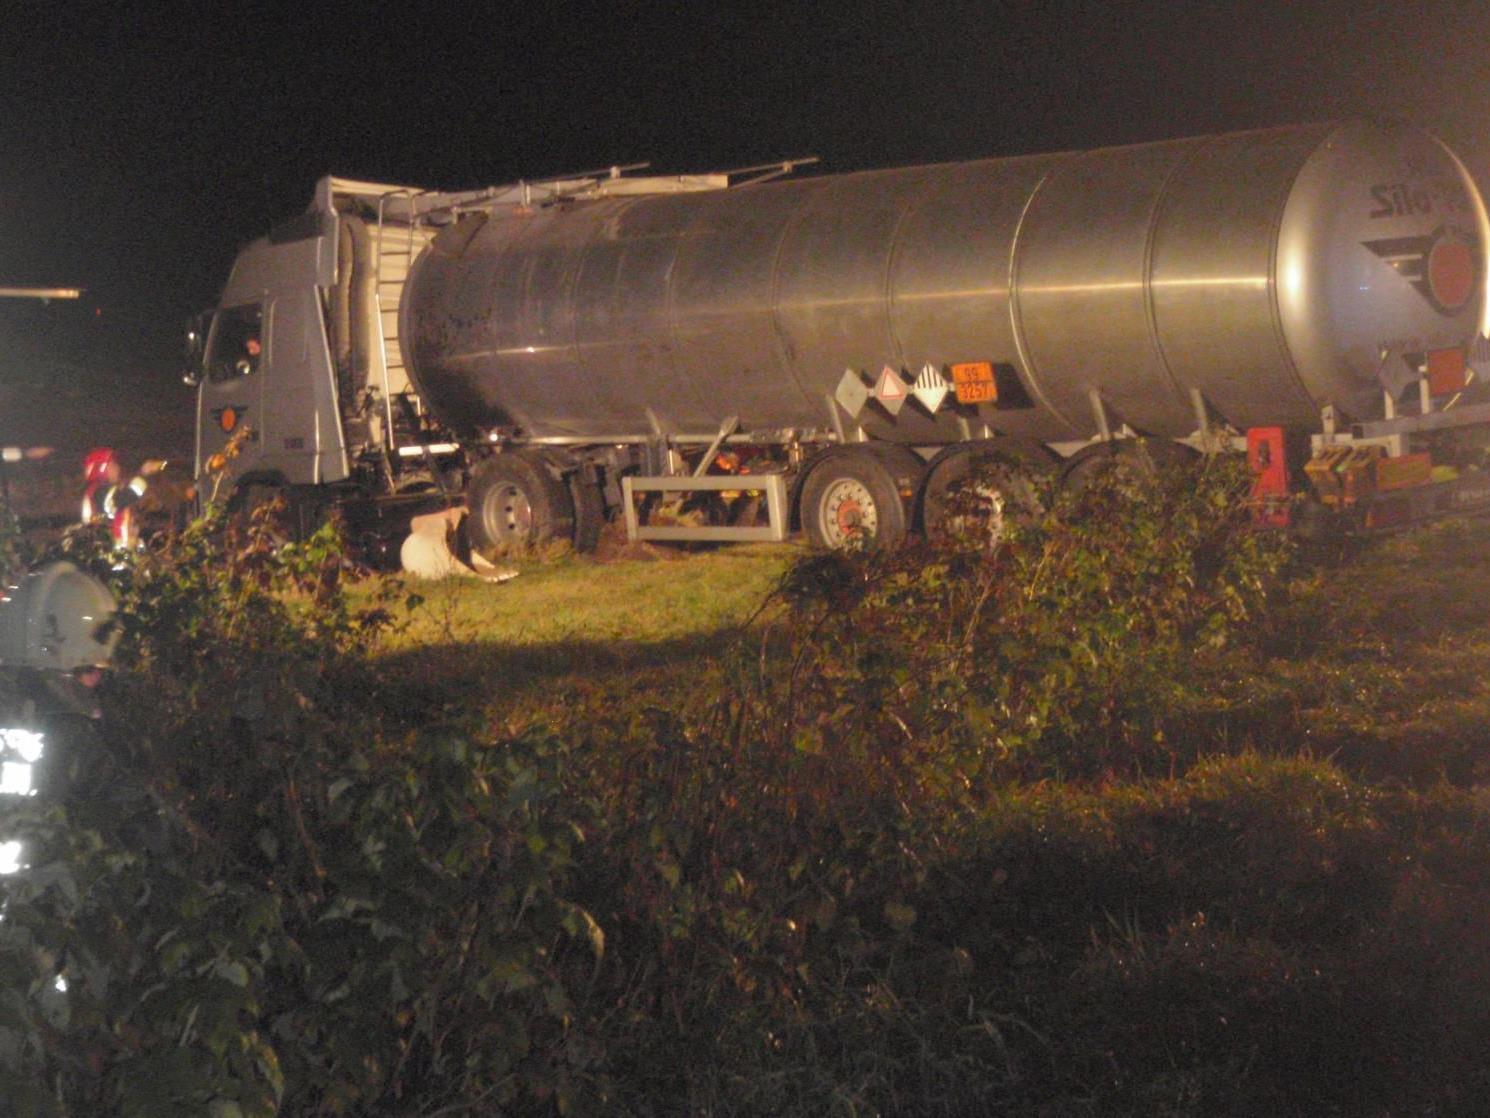 Mit 225 Grad heißem Bitumen war dieser Tanklaster beladen - ein Herausforderung für zwei Feuerwehren!